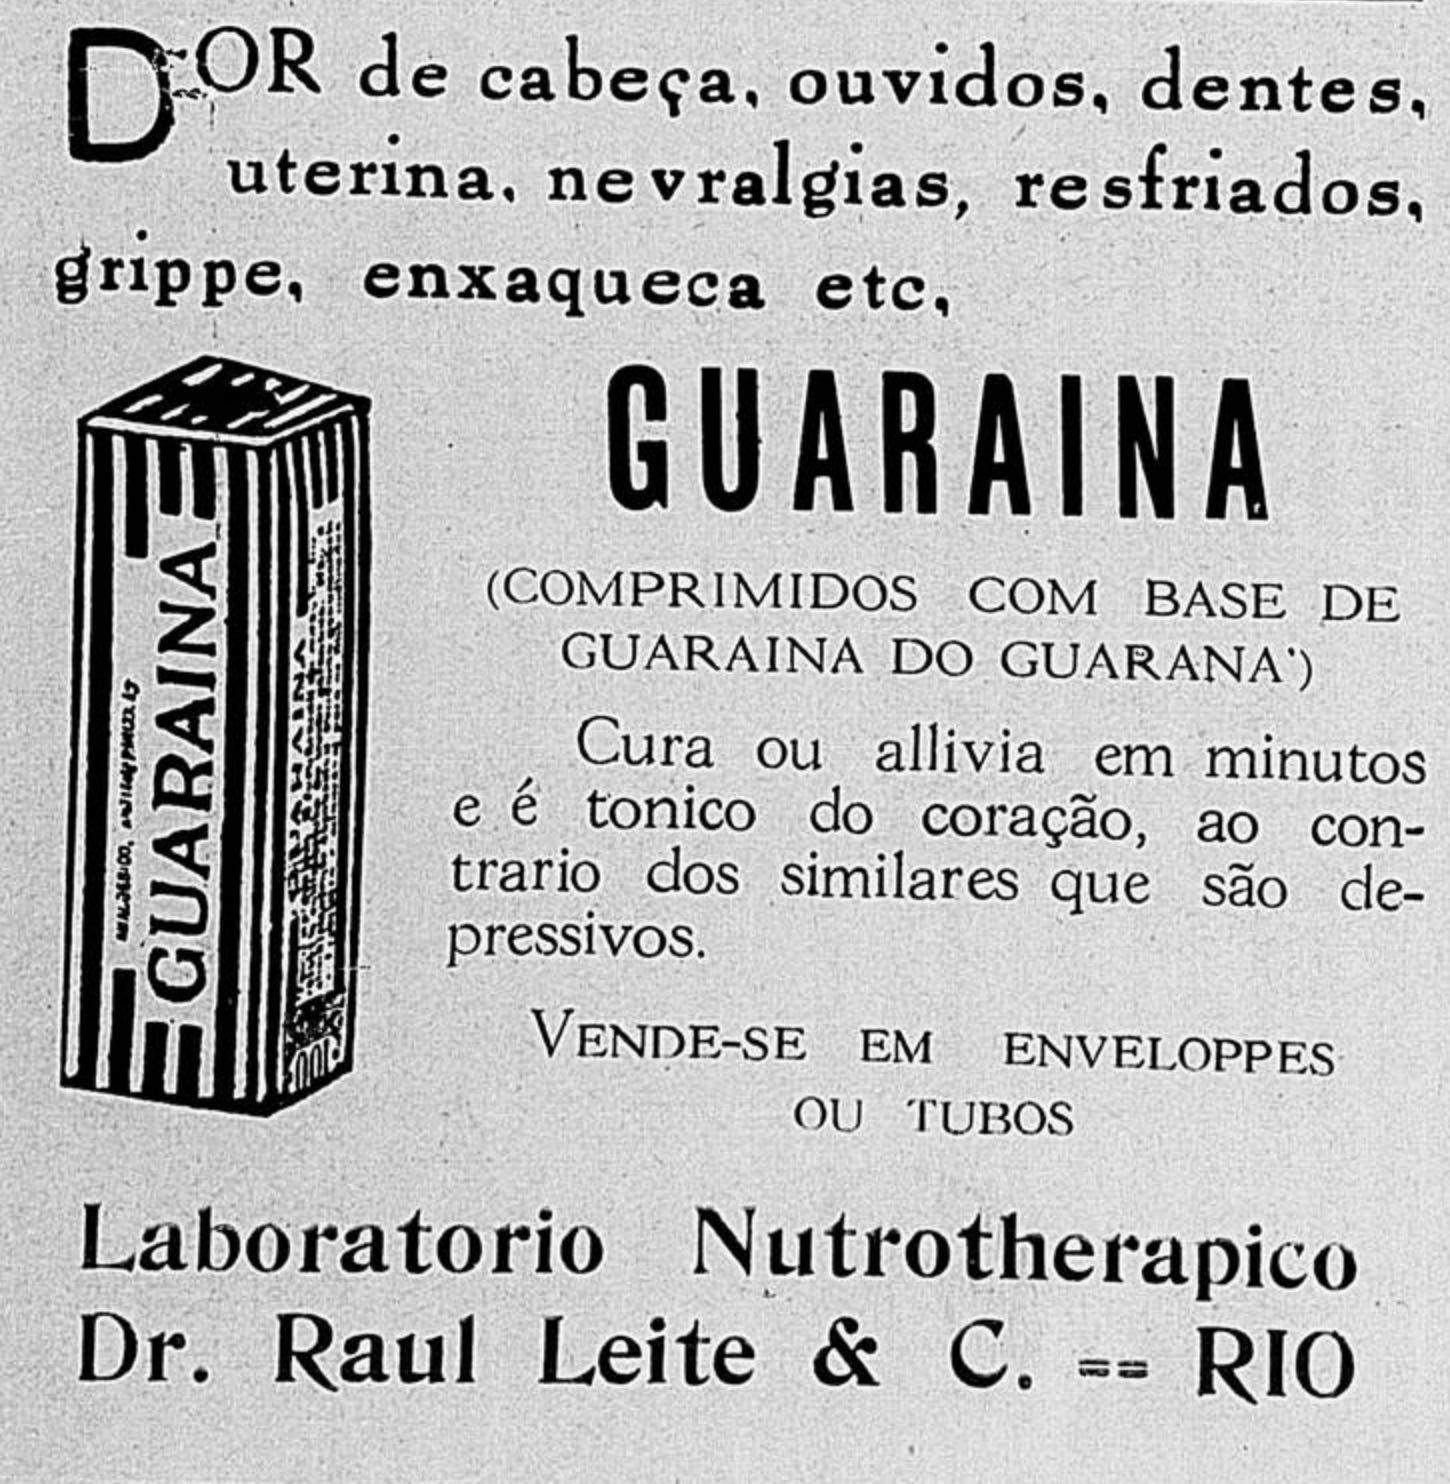 Anúncio antigo de 1927 do analgésico guaraína